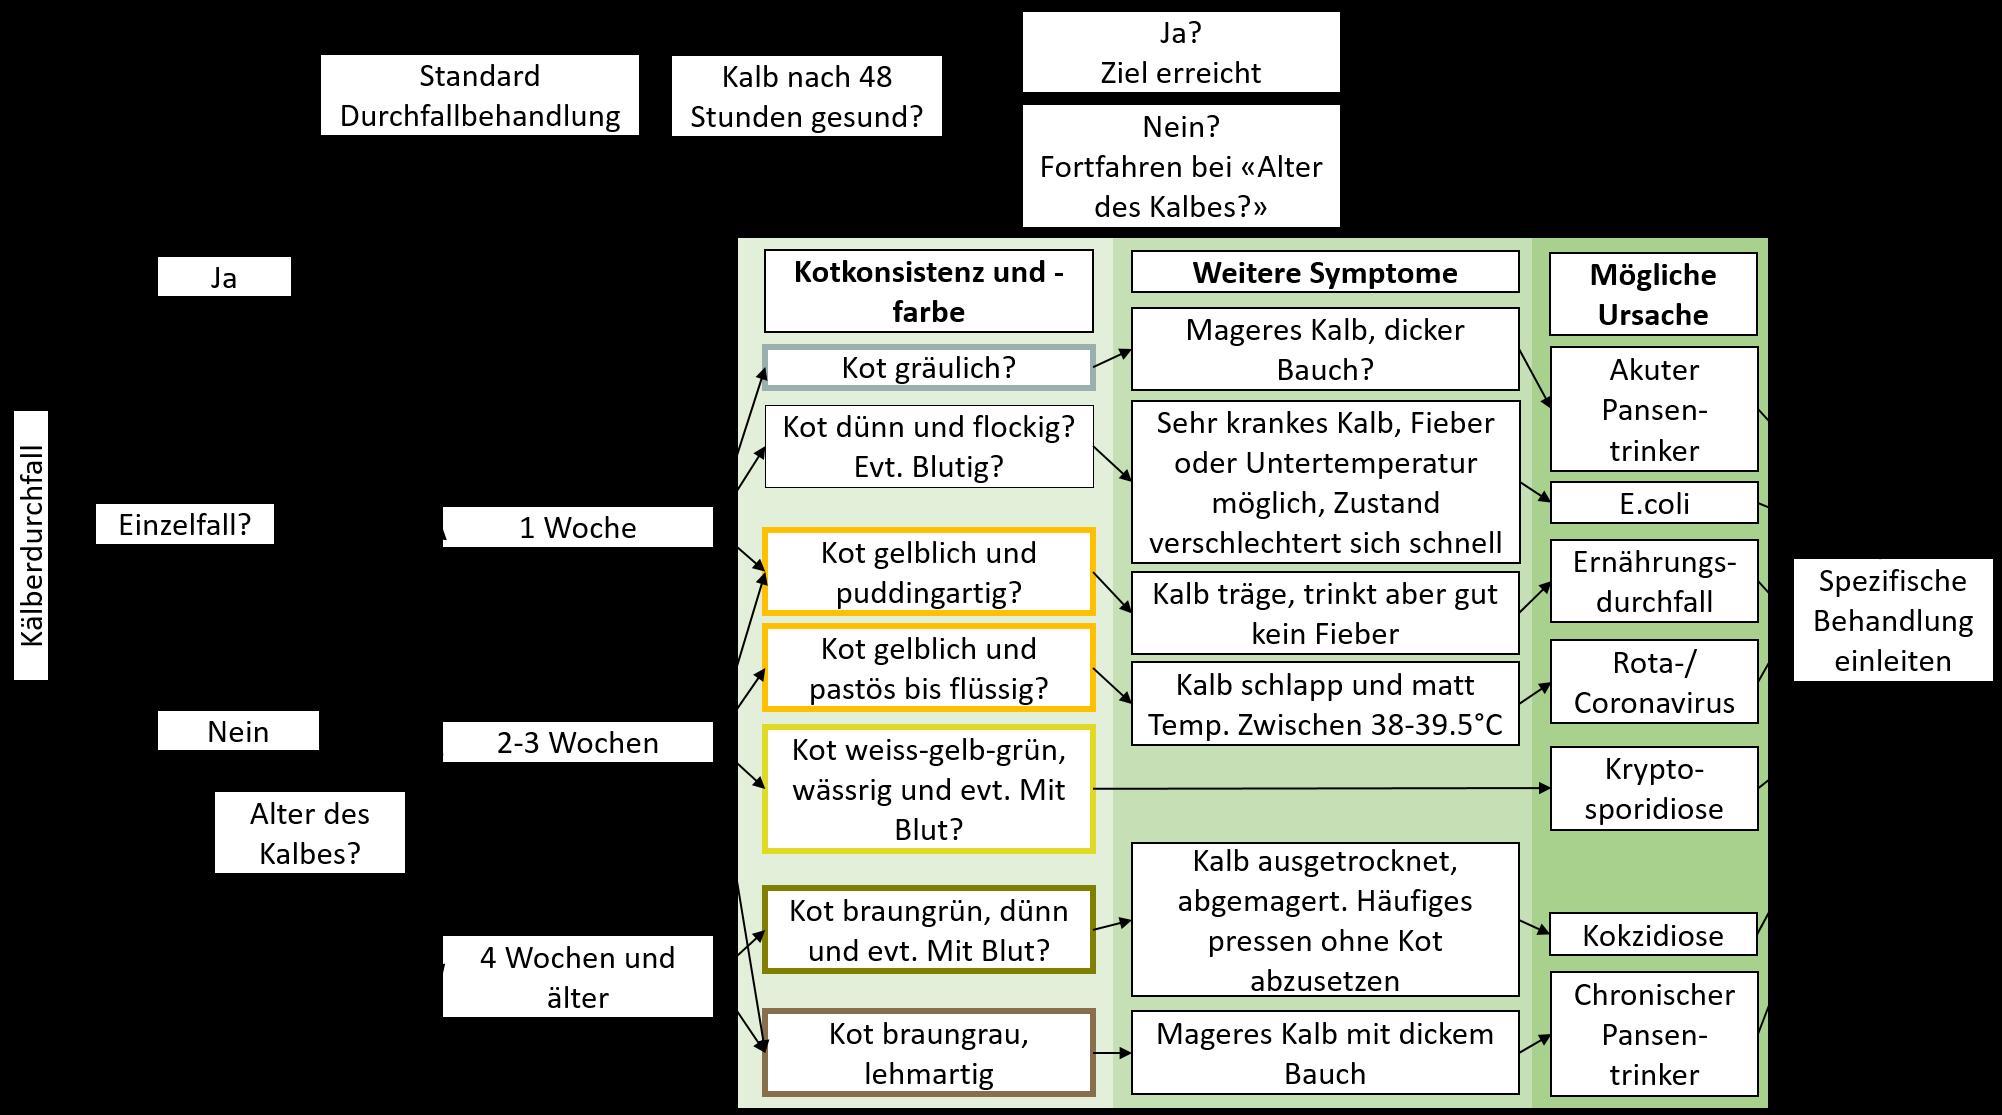 Schema für die Erkennung von Kälberdurchfall